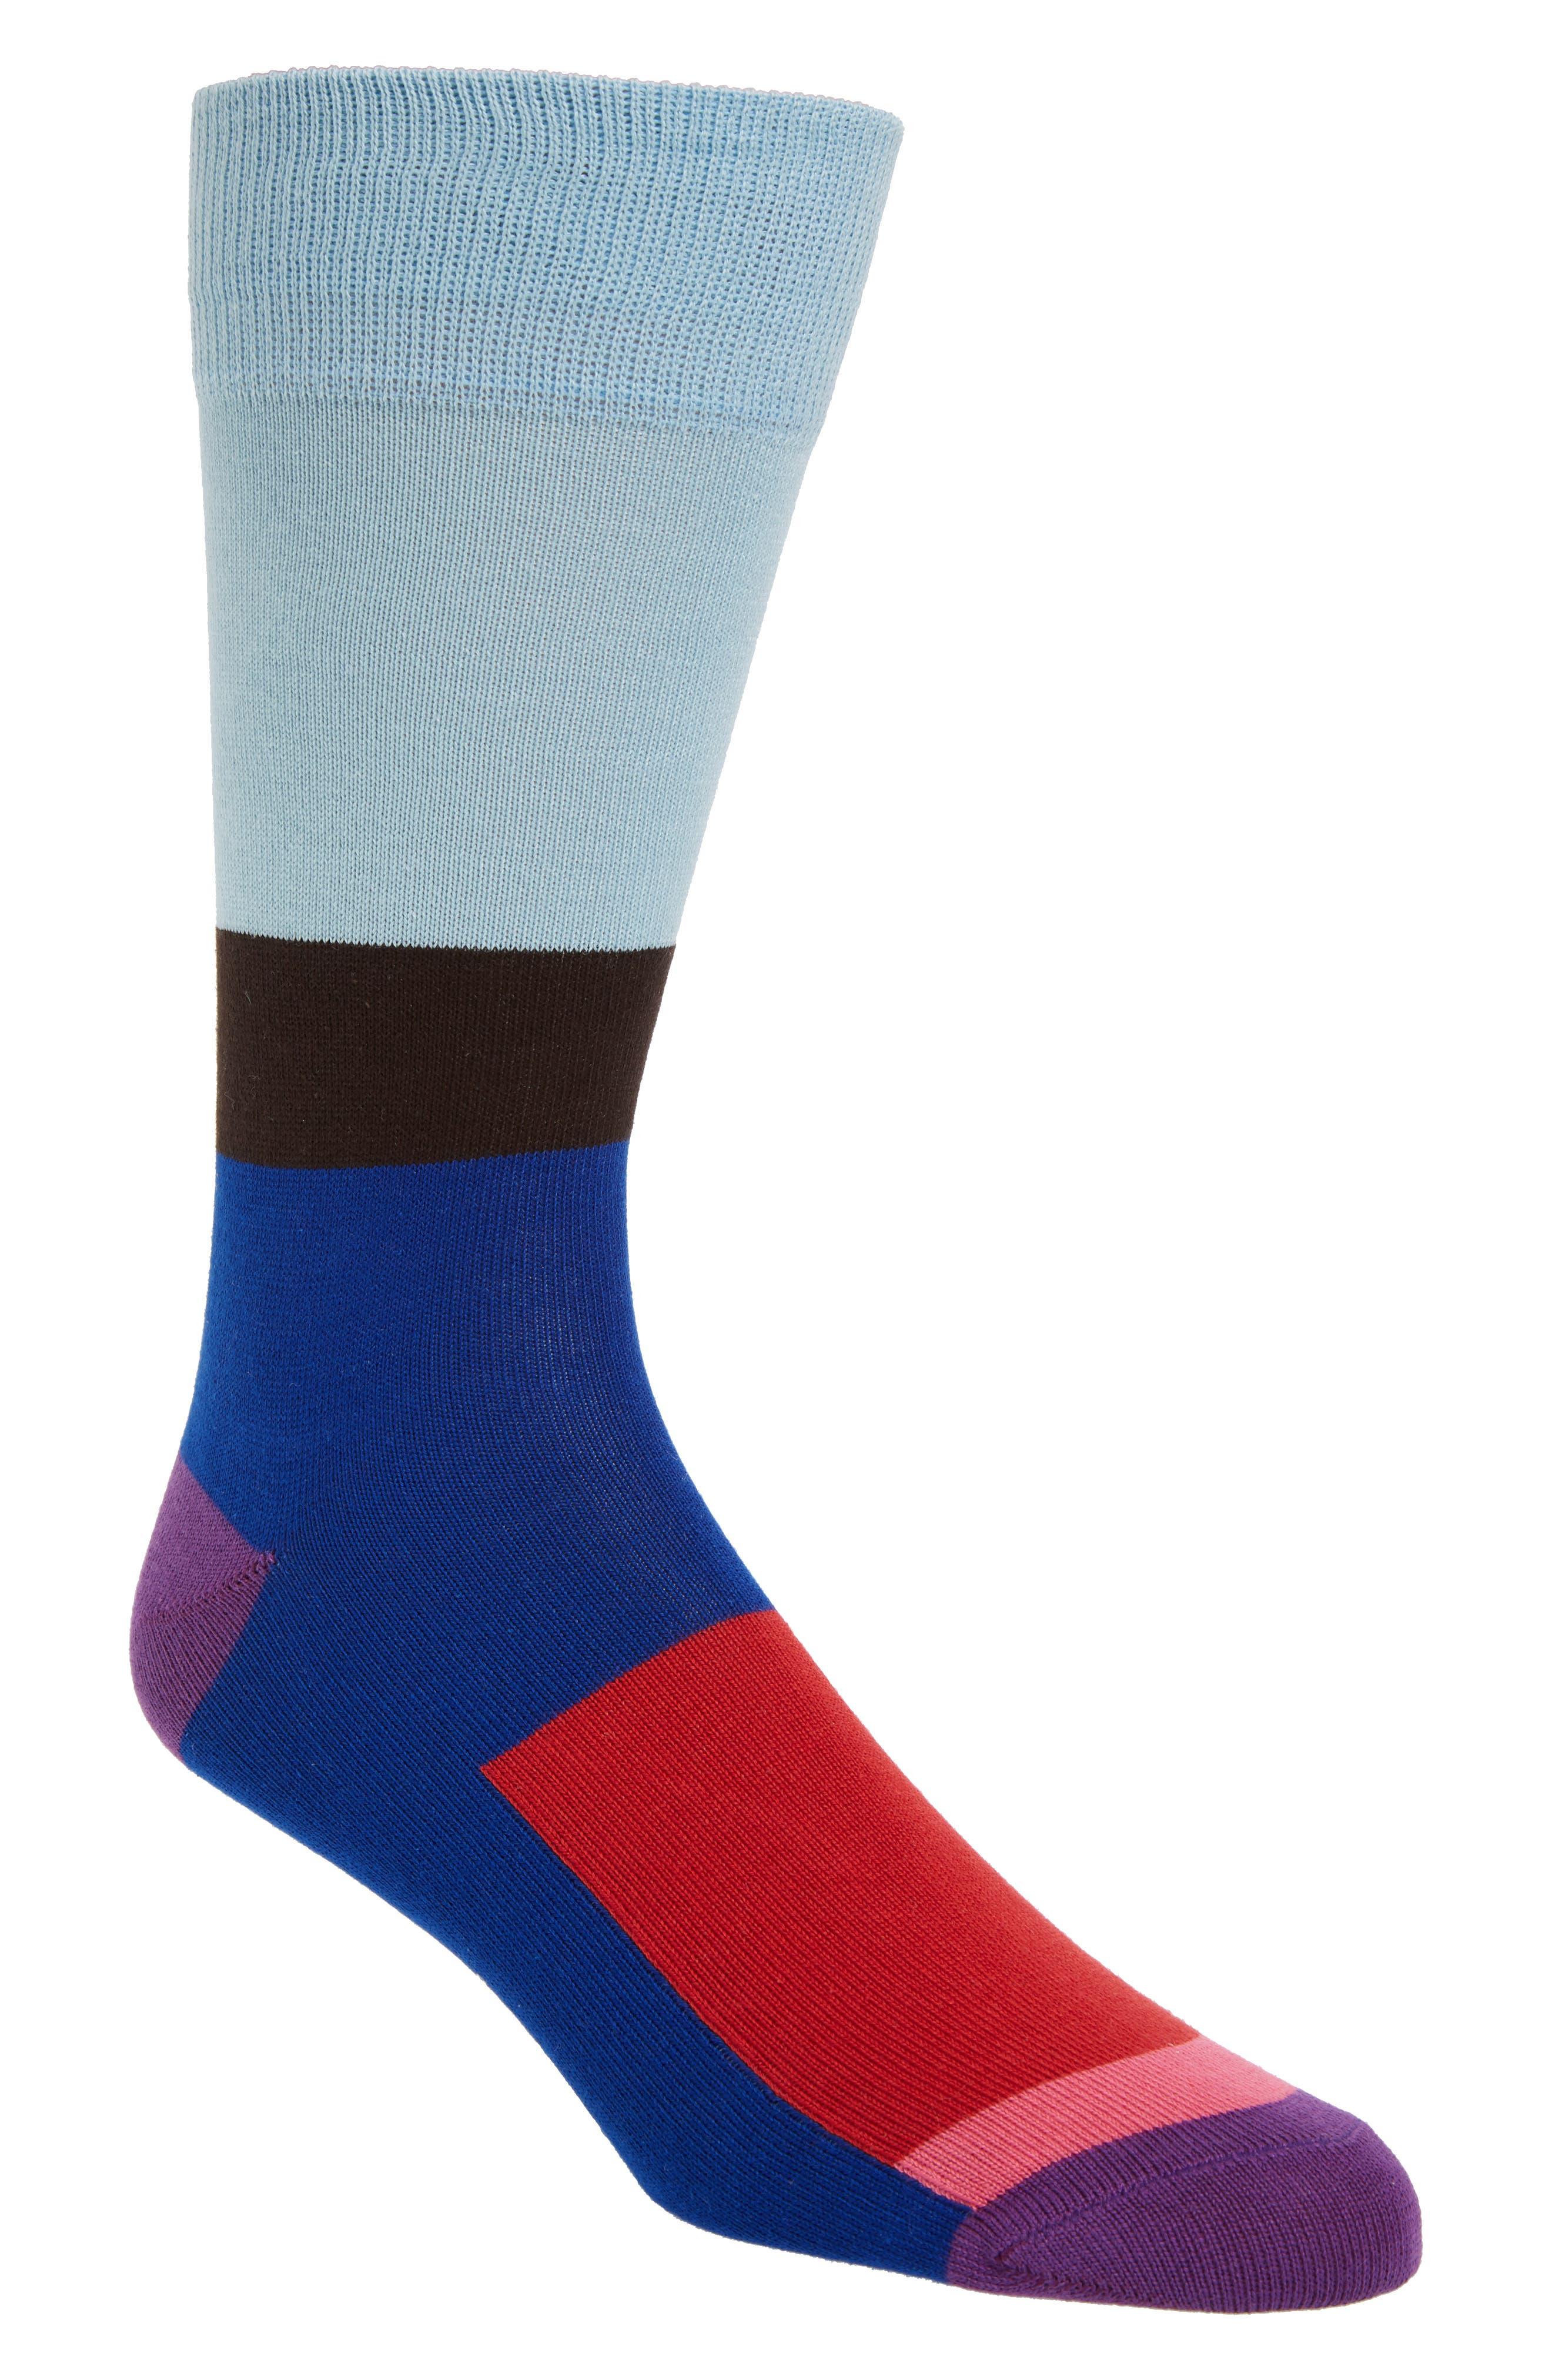 Go-Go Socks,                         Main,                         color, Navy